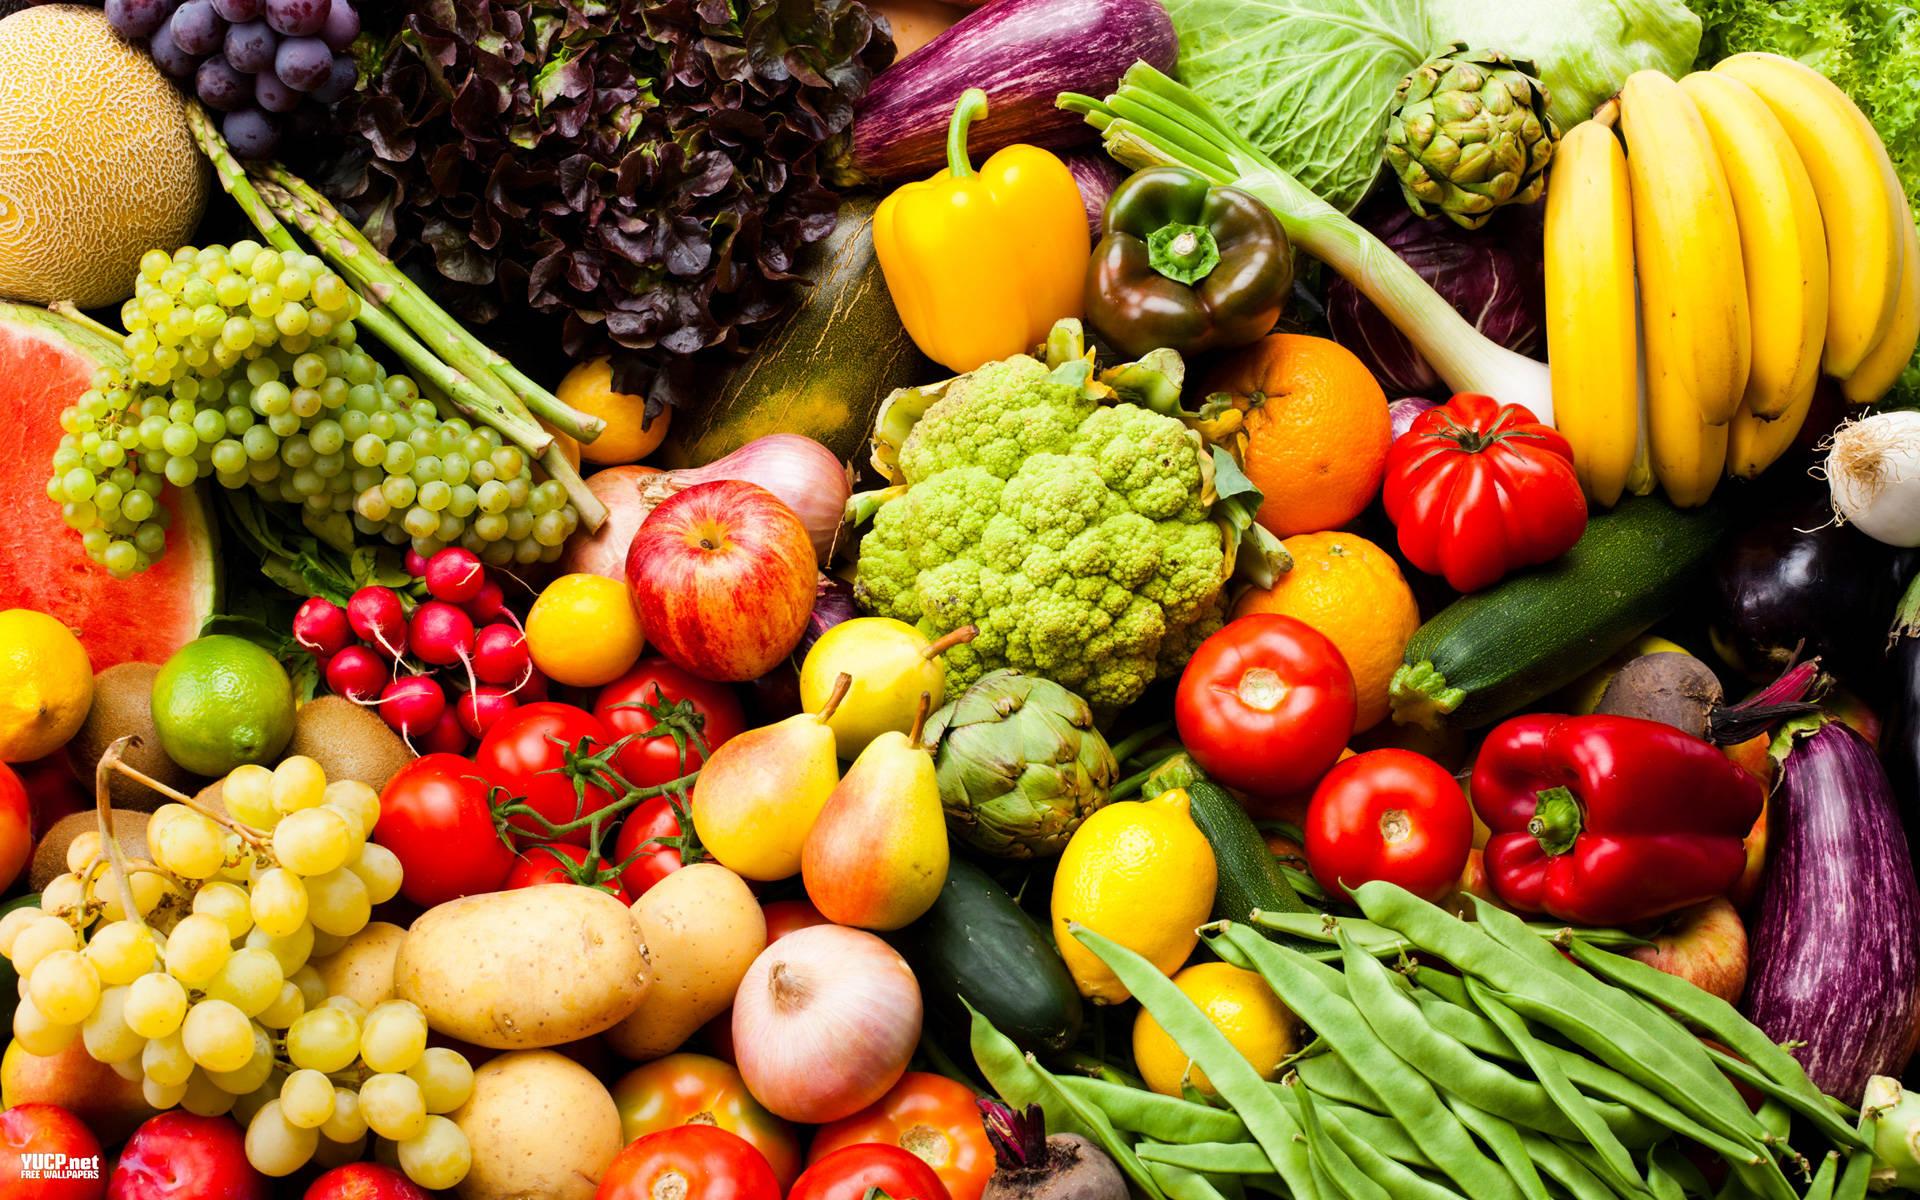 Vegetables, fruits